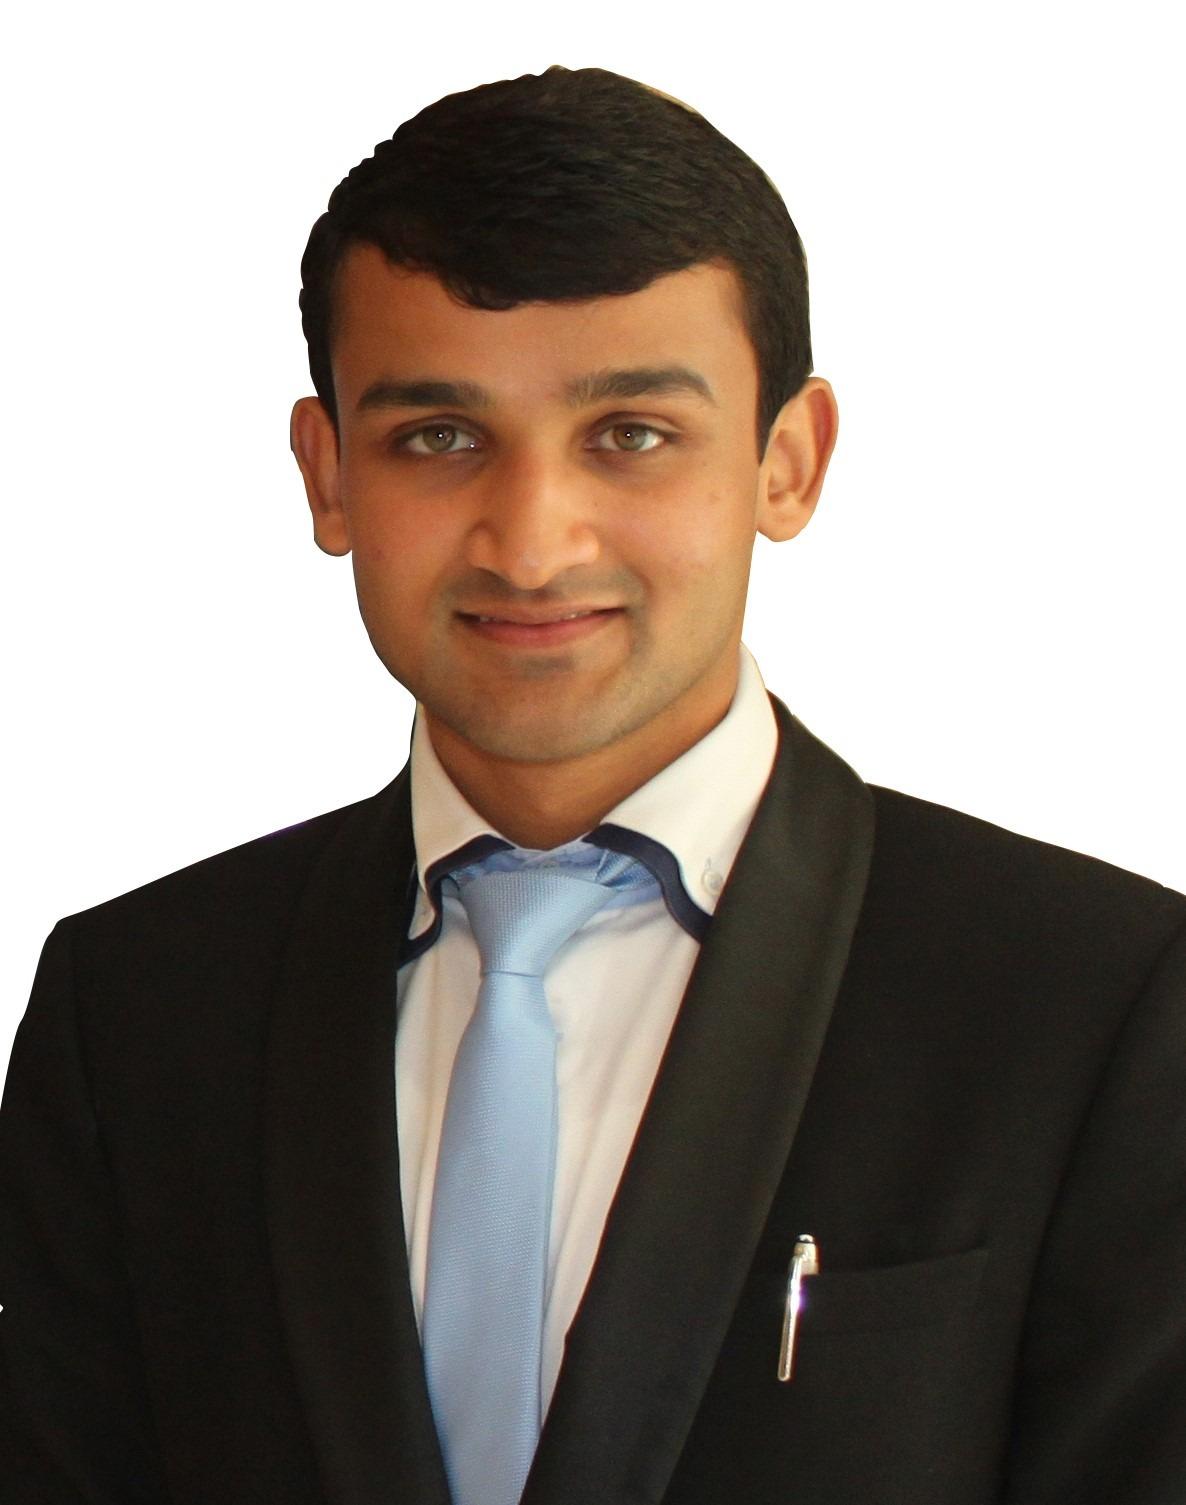 Shriyans Bhandari